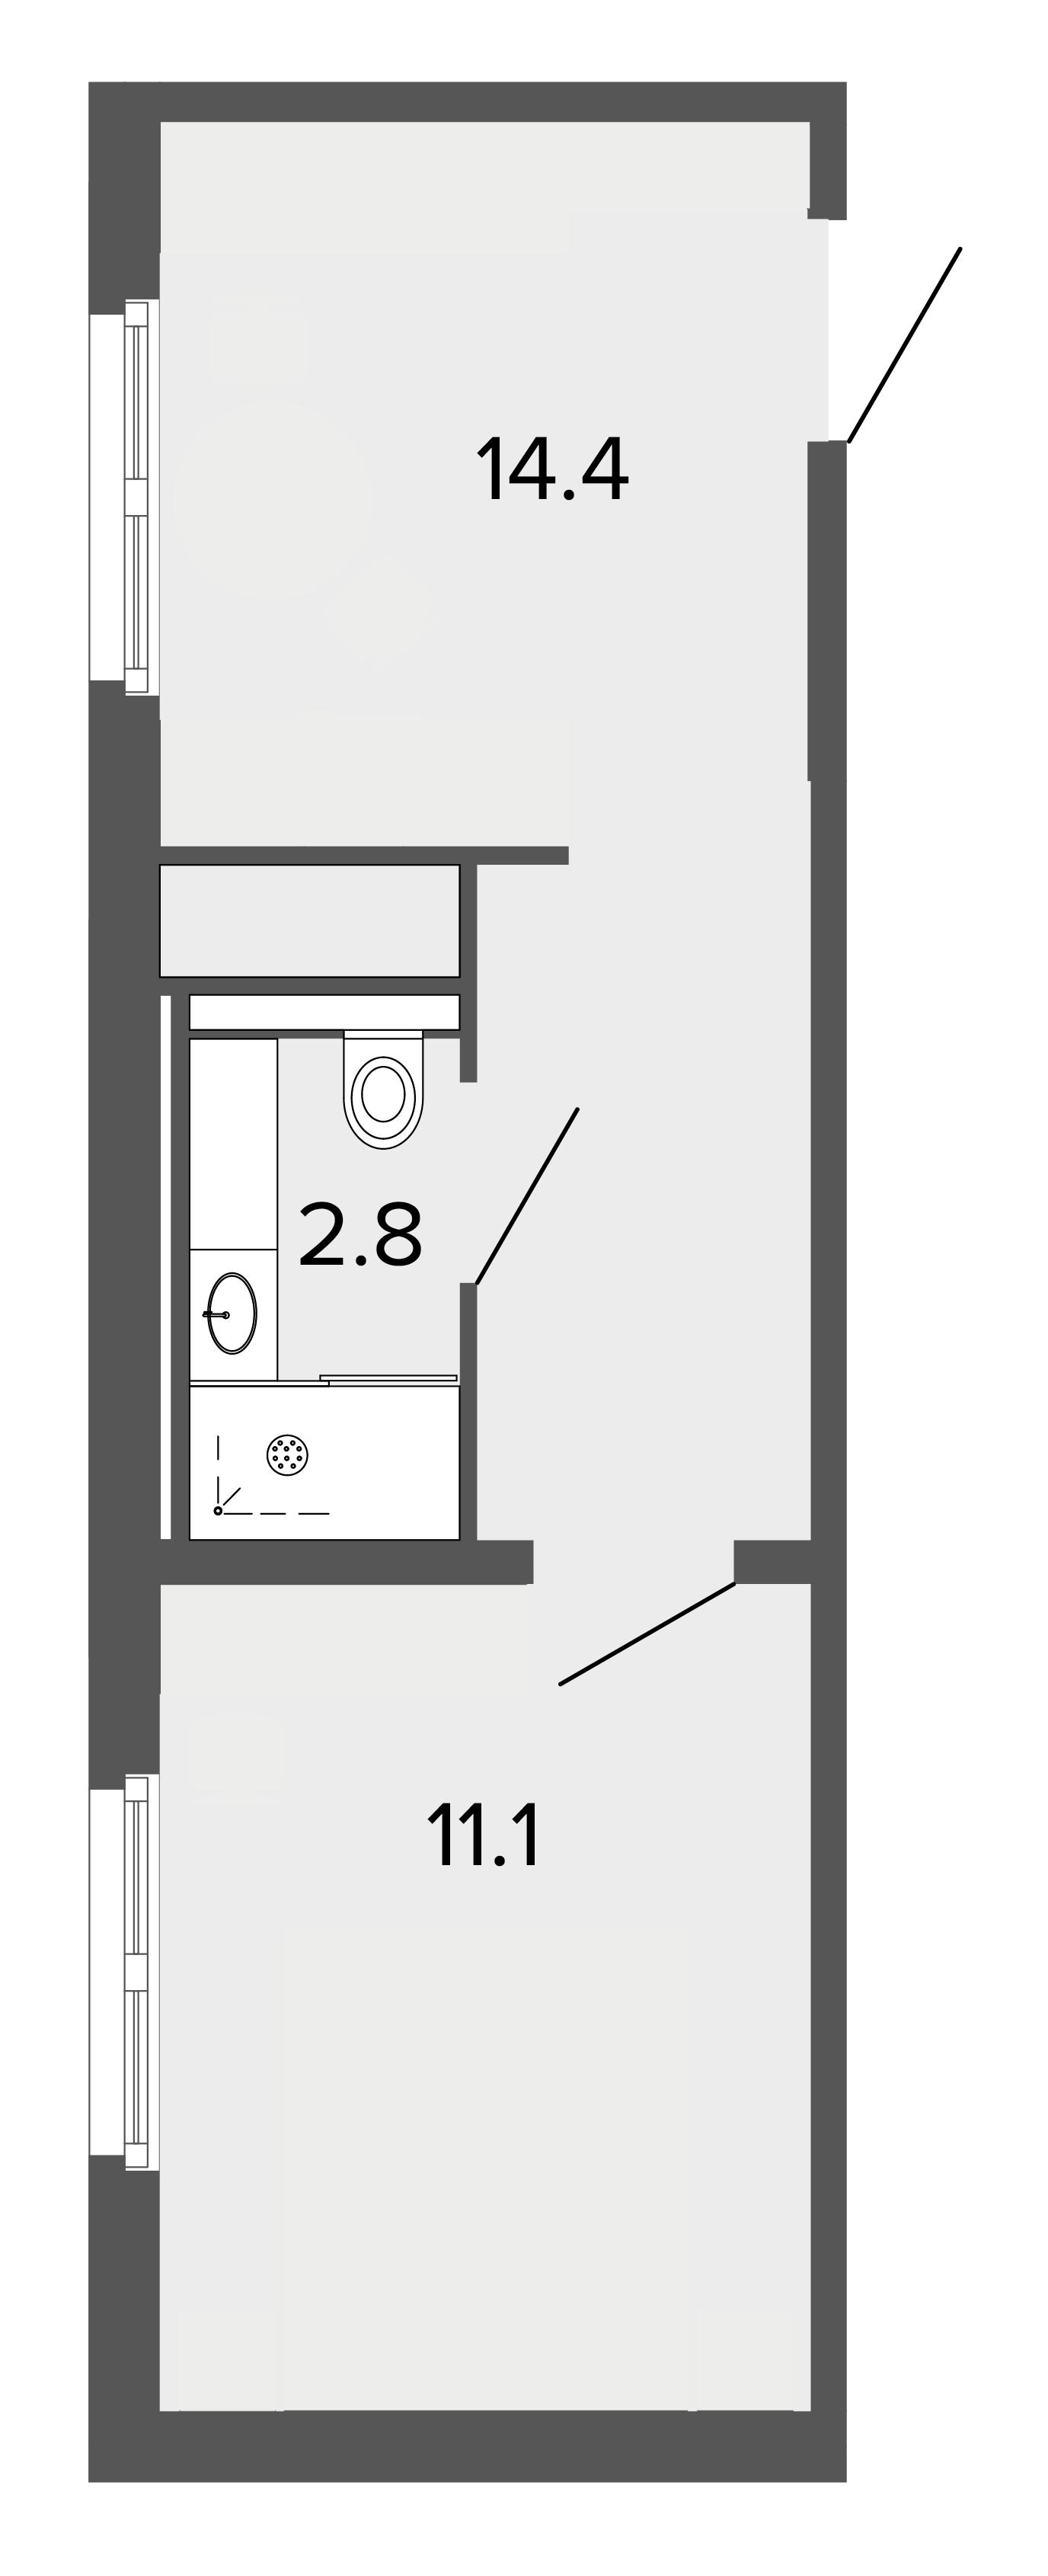 1-комнатная квартира, 28.2 м²; этаж: 3 - купить в Санкт-Петербурге